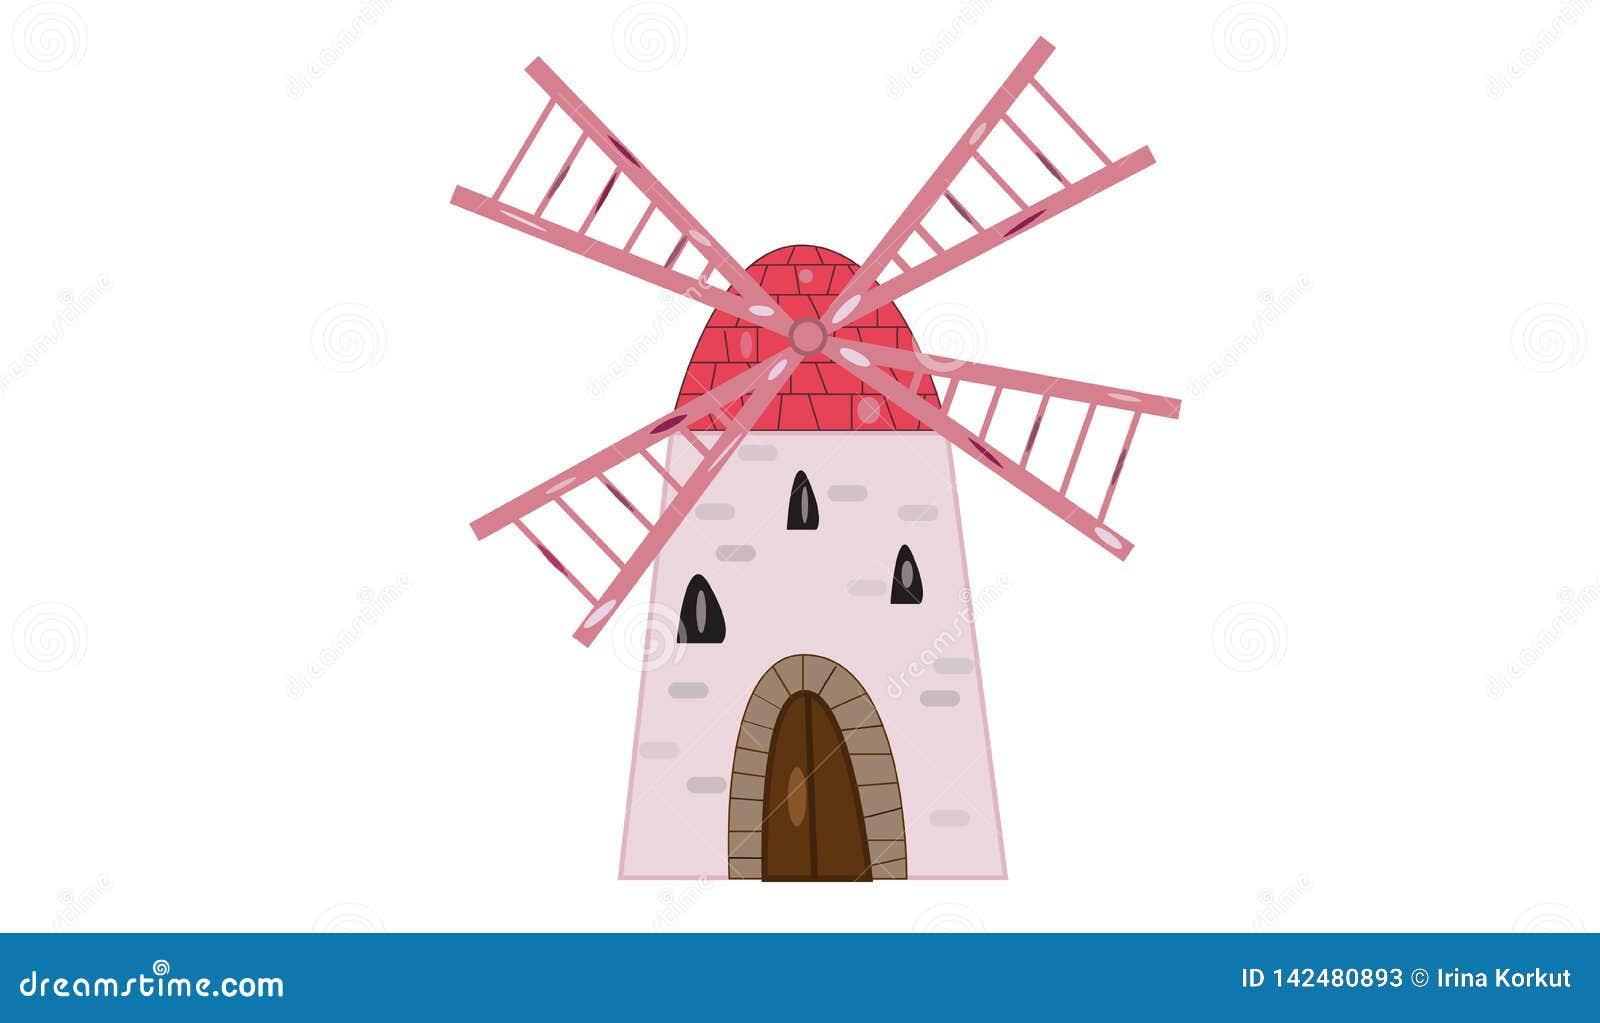 Η παλαιά απεικόνιση ανεμόμυλων απομόνωσε το άσπρο υπόβαθρο και τα χαριτωμένες ρόδινες φτερά και την πόρτα πετρών